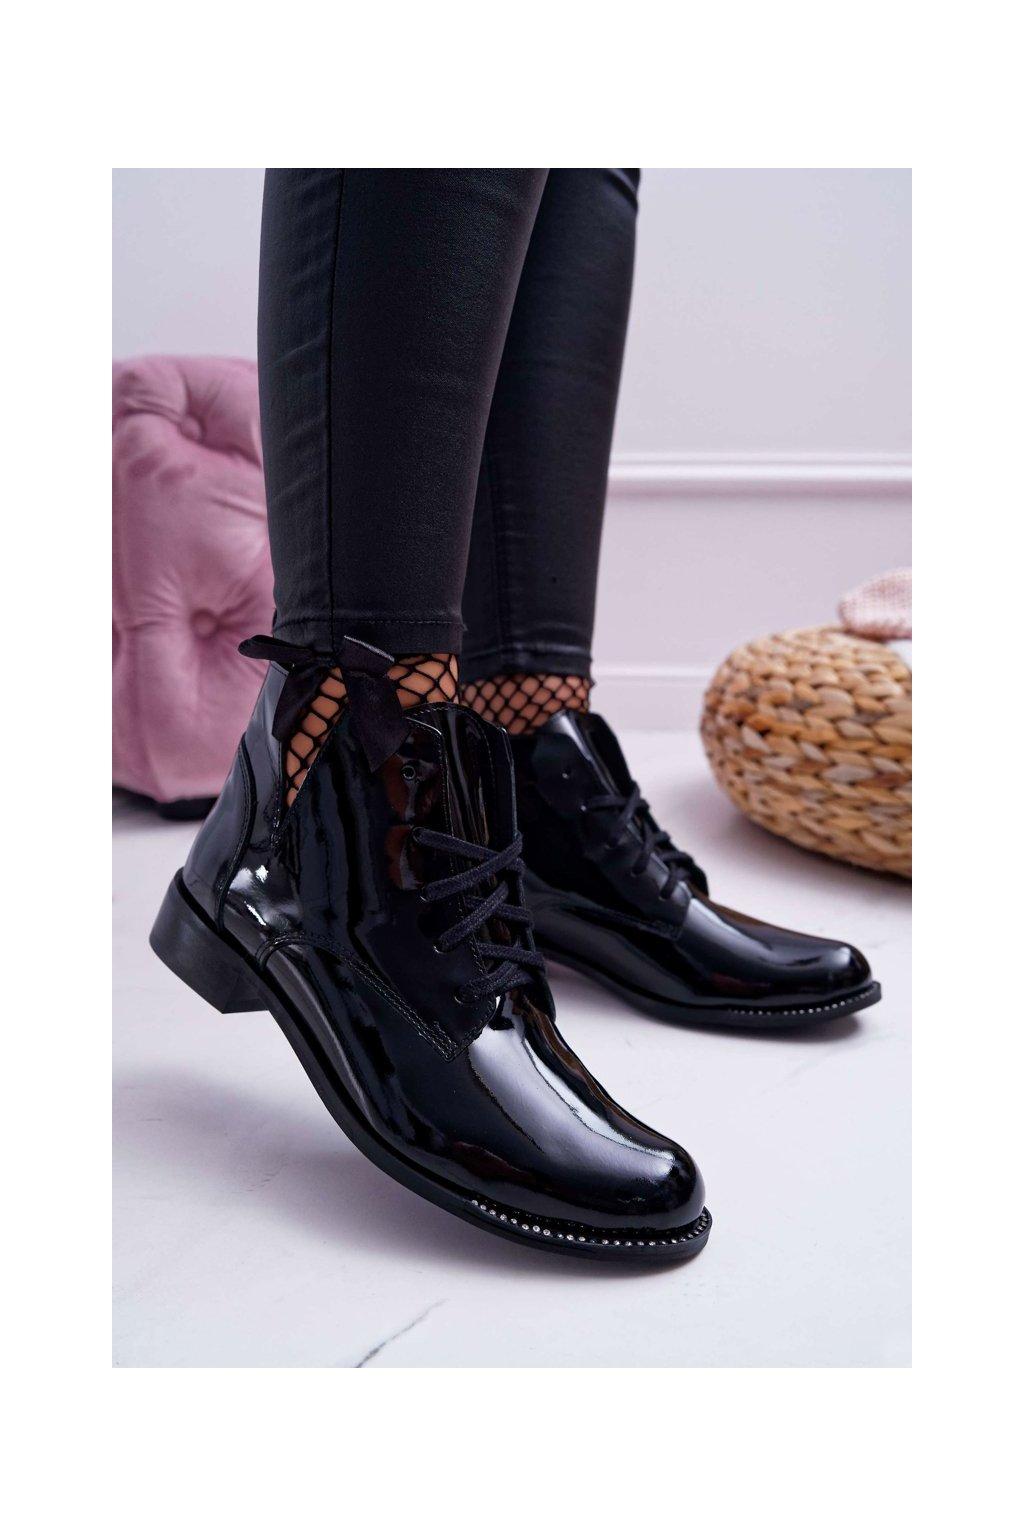 Členkové topánky na podpätku farba čierna kód obuvi 2420 BLK/L